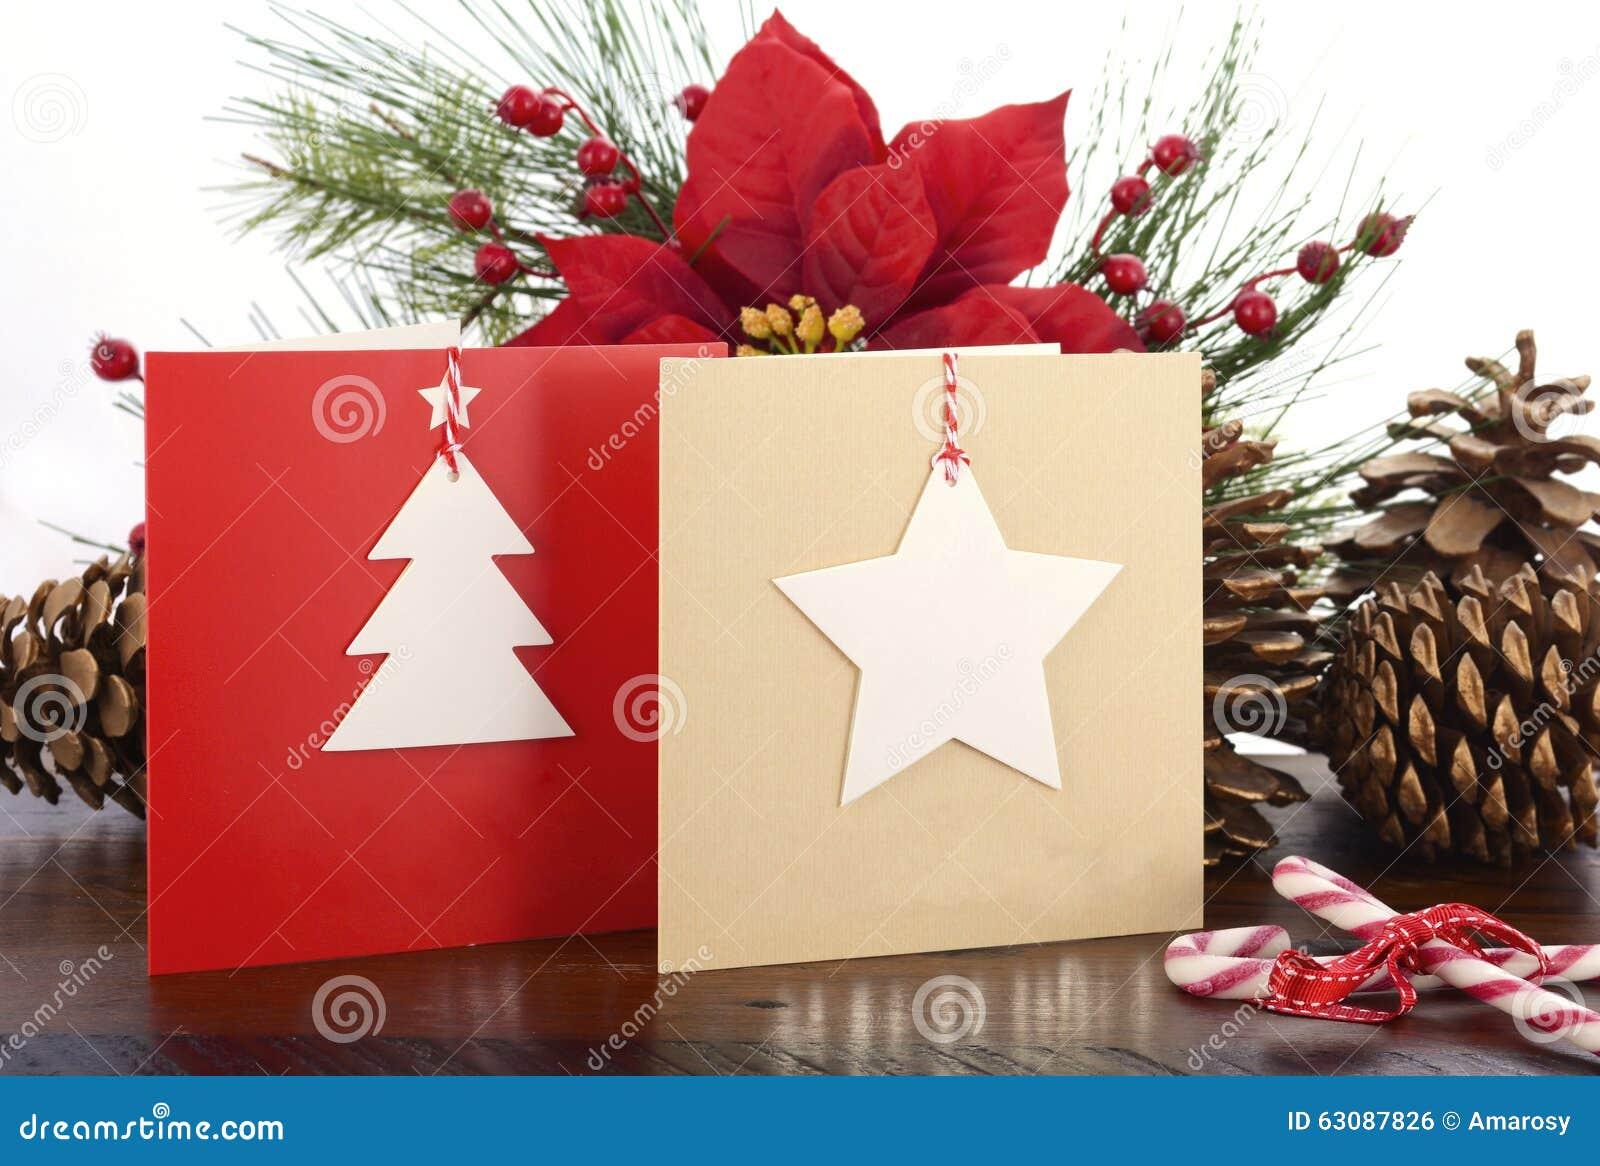 Handgemachte Weihnachtsgruß-Karte Stockfoto - Bild von handmade ...